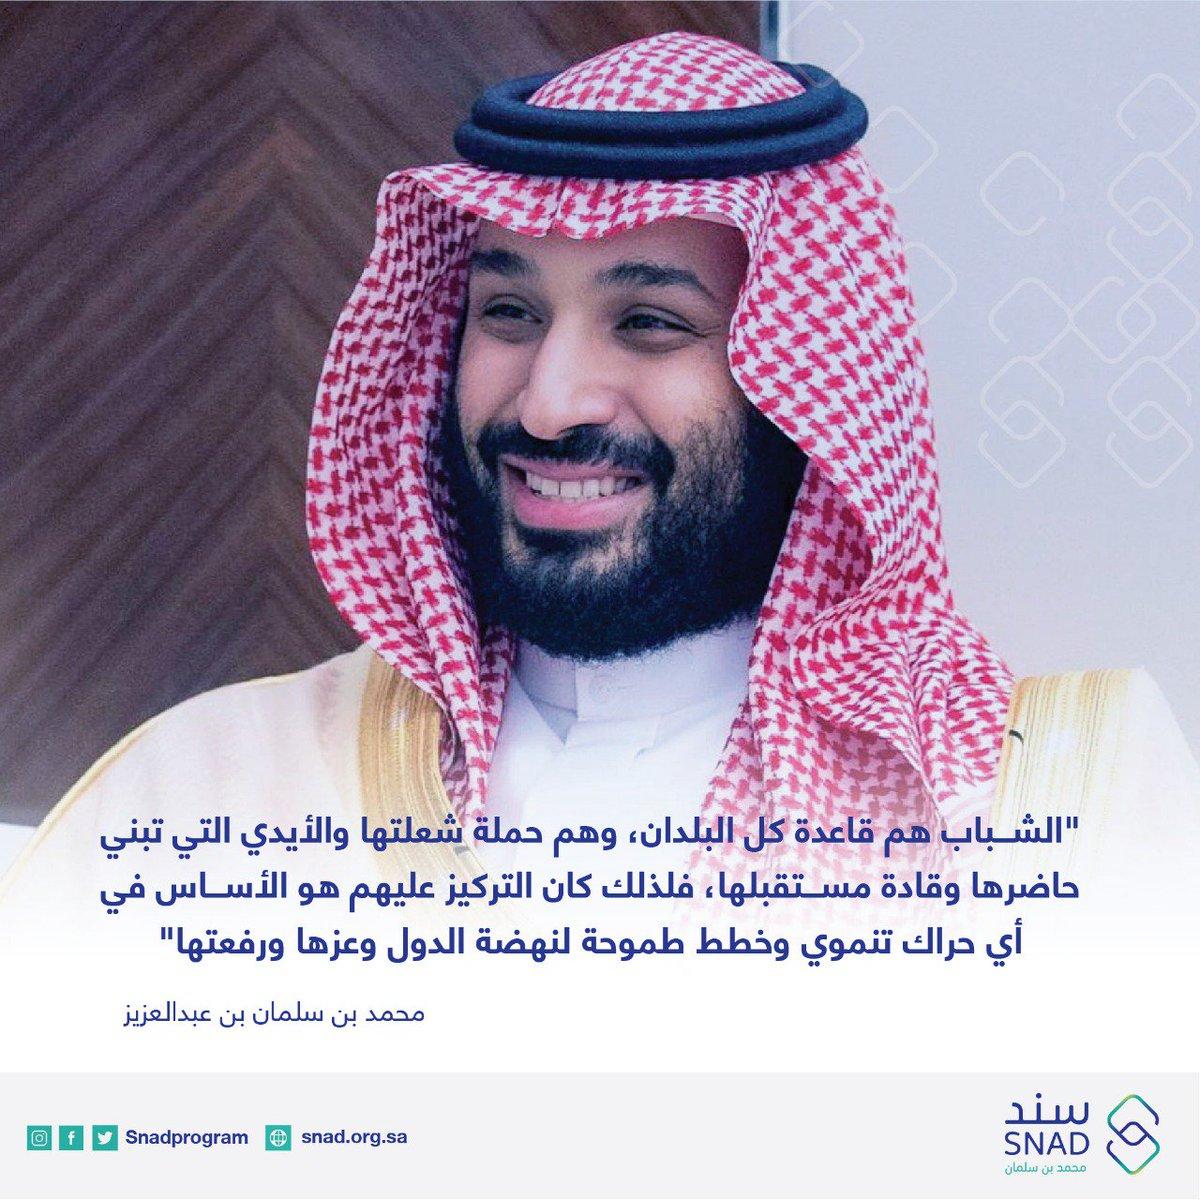 سند محمد بن سلمان On Twitter الشباب مصدر كل قوة وطريق كل ازدهار دعمهم يحقق طموح وطن وآمال أمة سند محمد بن سلمان